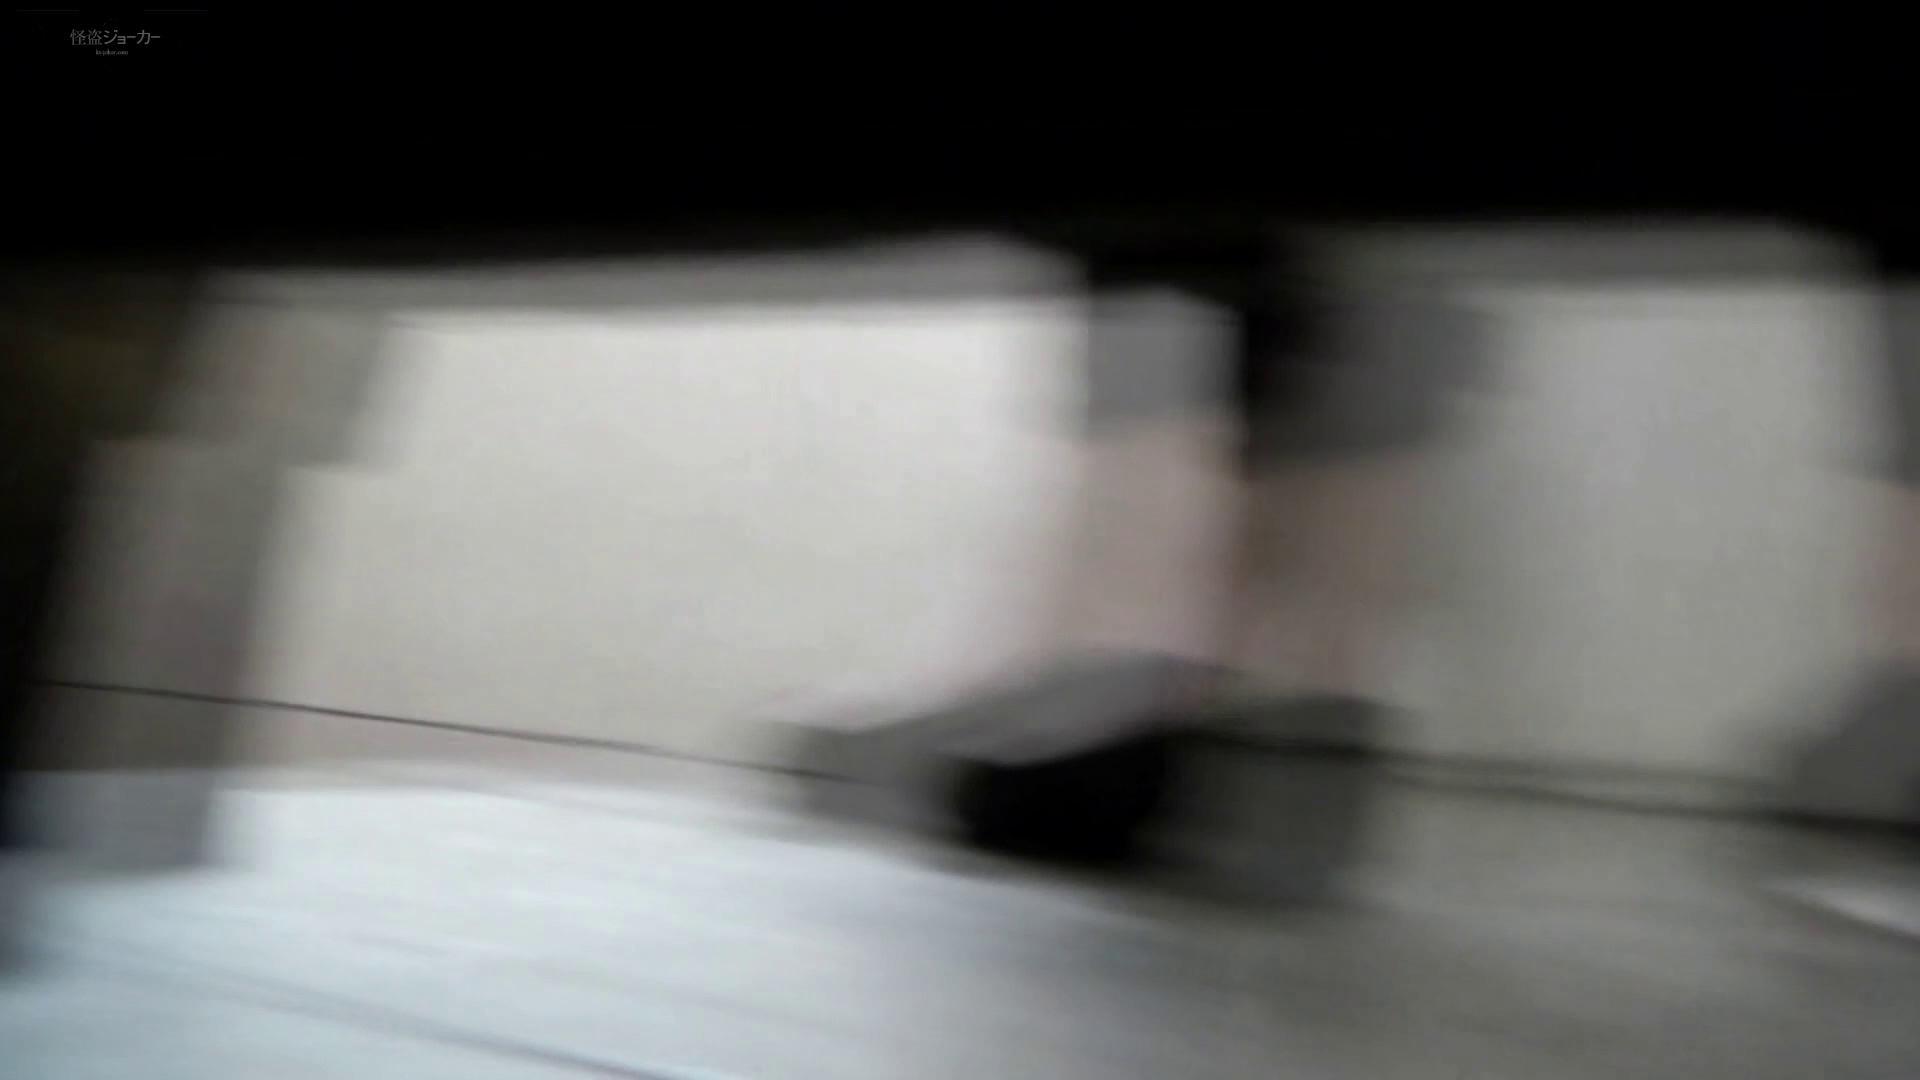 ステーション編 vol.26 壁を乗り越えたら絶景が待っていた!! ギャル攻め スケベ動画紹介 100画像 50